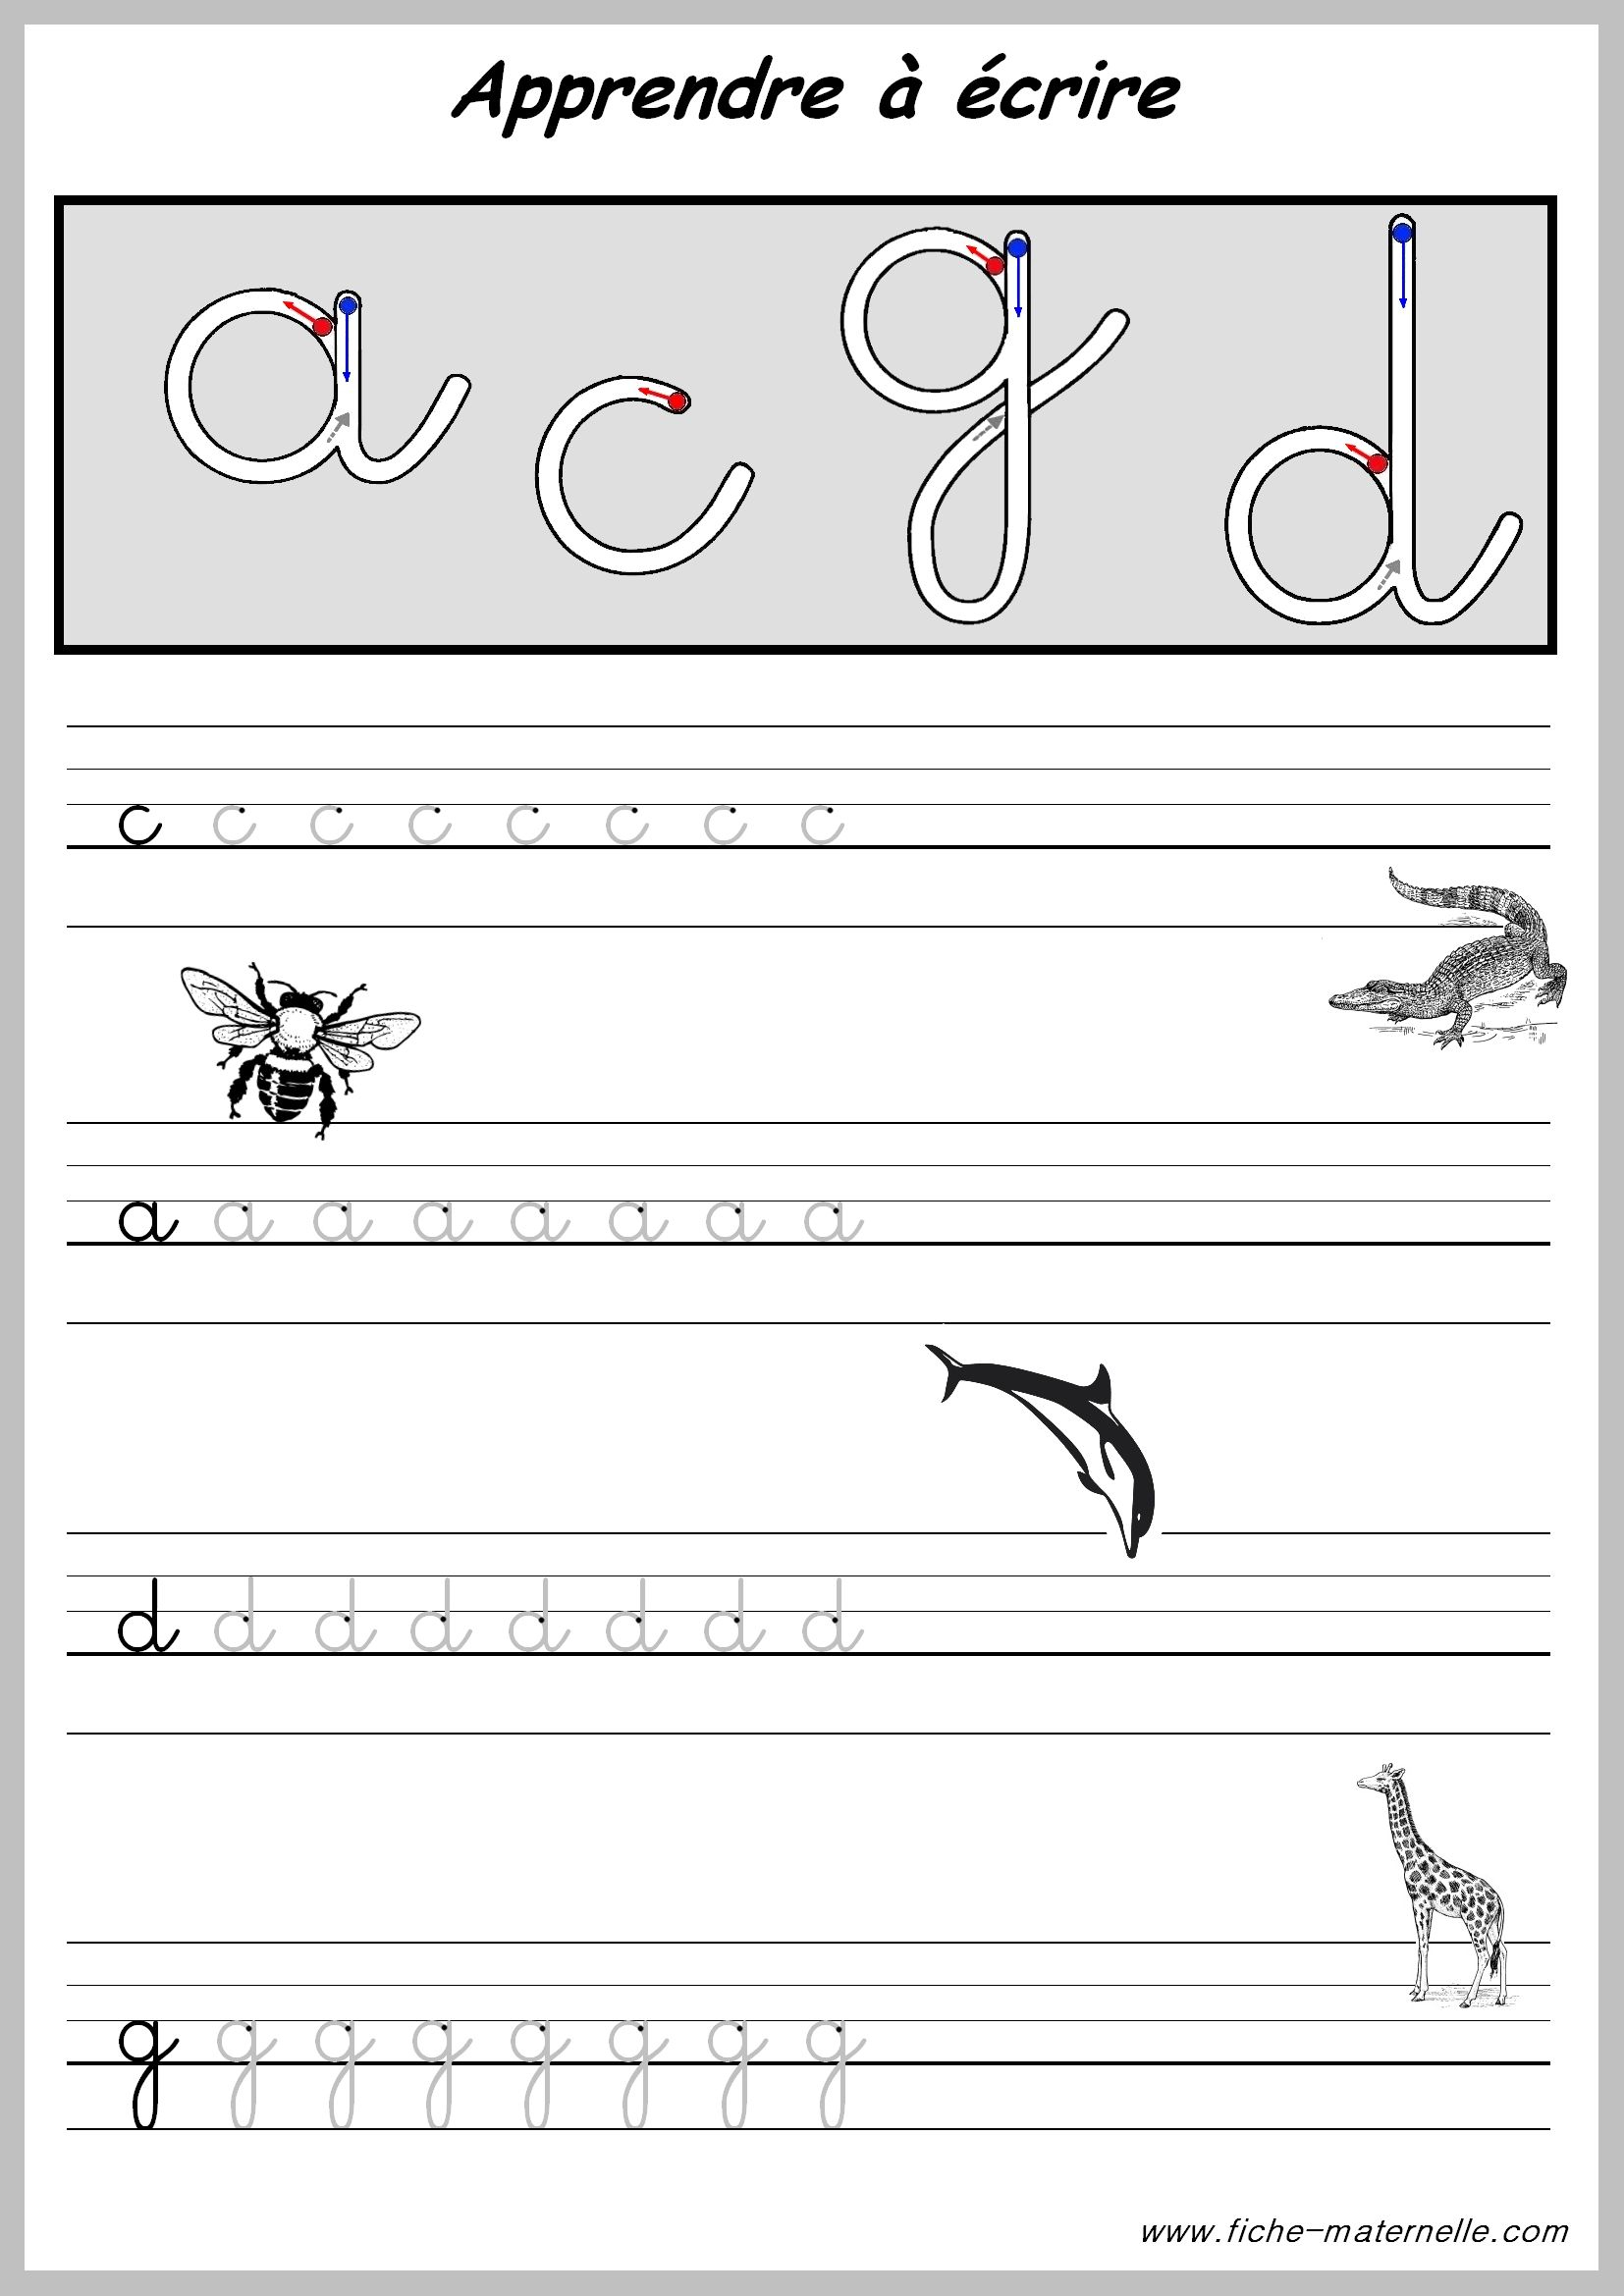 Comment Apprendre A Ecrire Les Lettres De L Alphabet à Apprendre A Ecrire Les Lettres